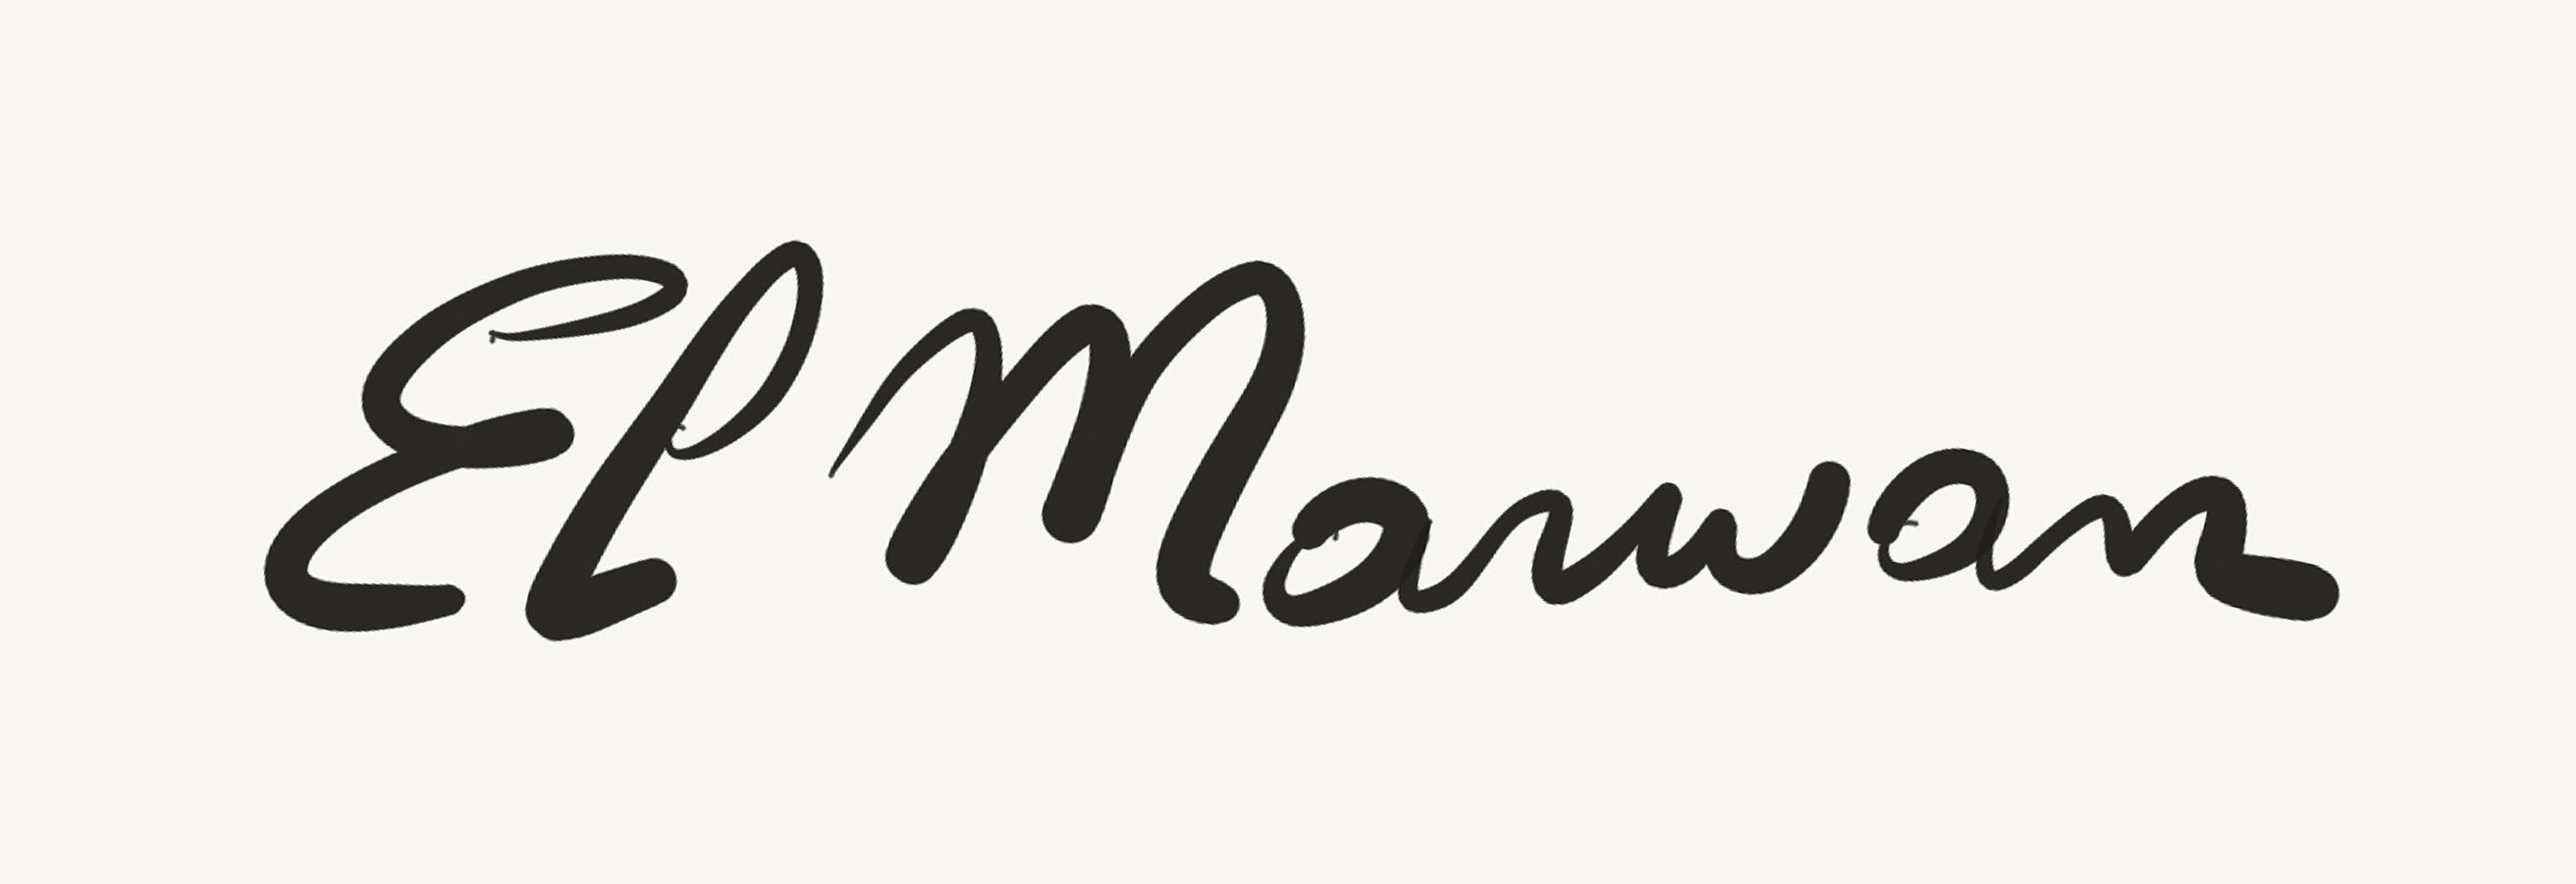 Marwan El Hassan's Signature